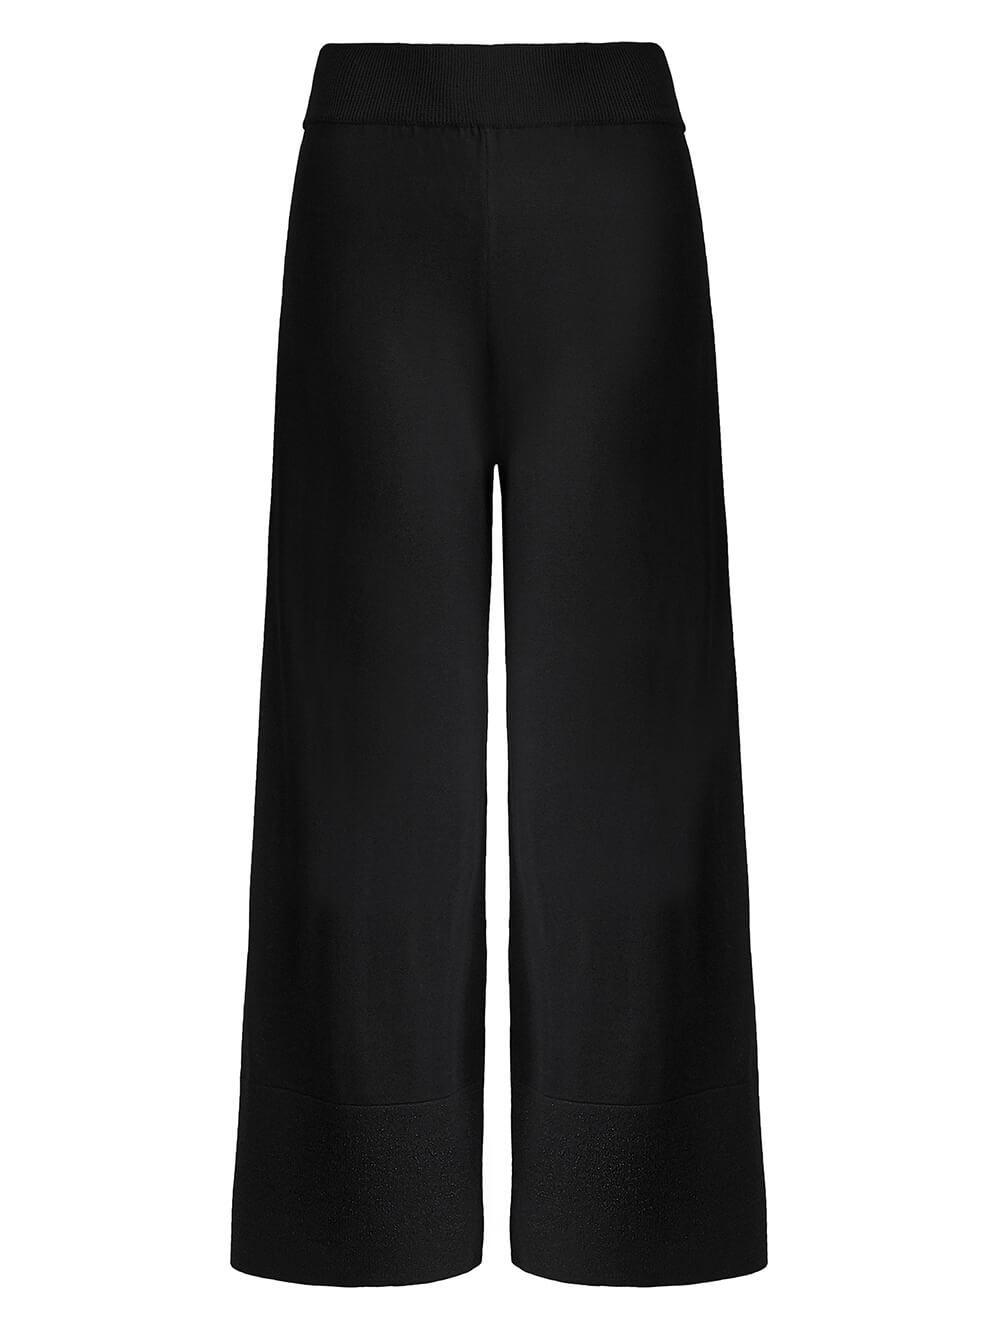 Женские брюки-клеш черного цвета из шелка и вискозы - фото 1